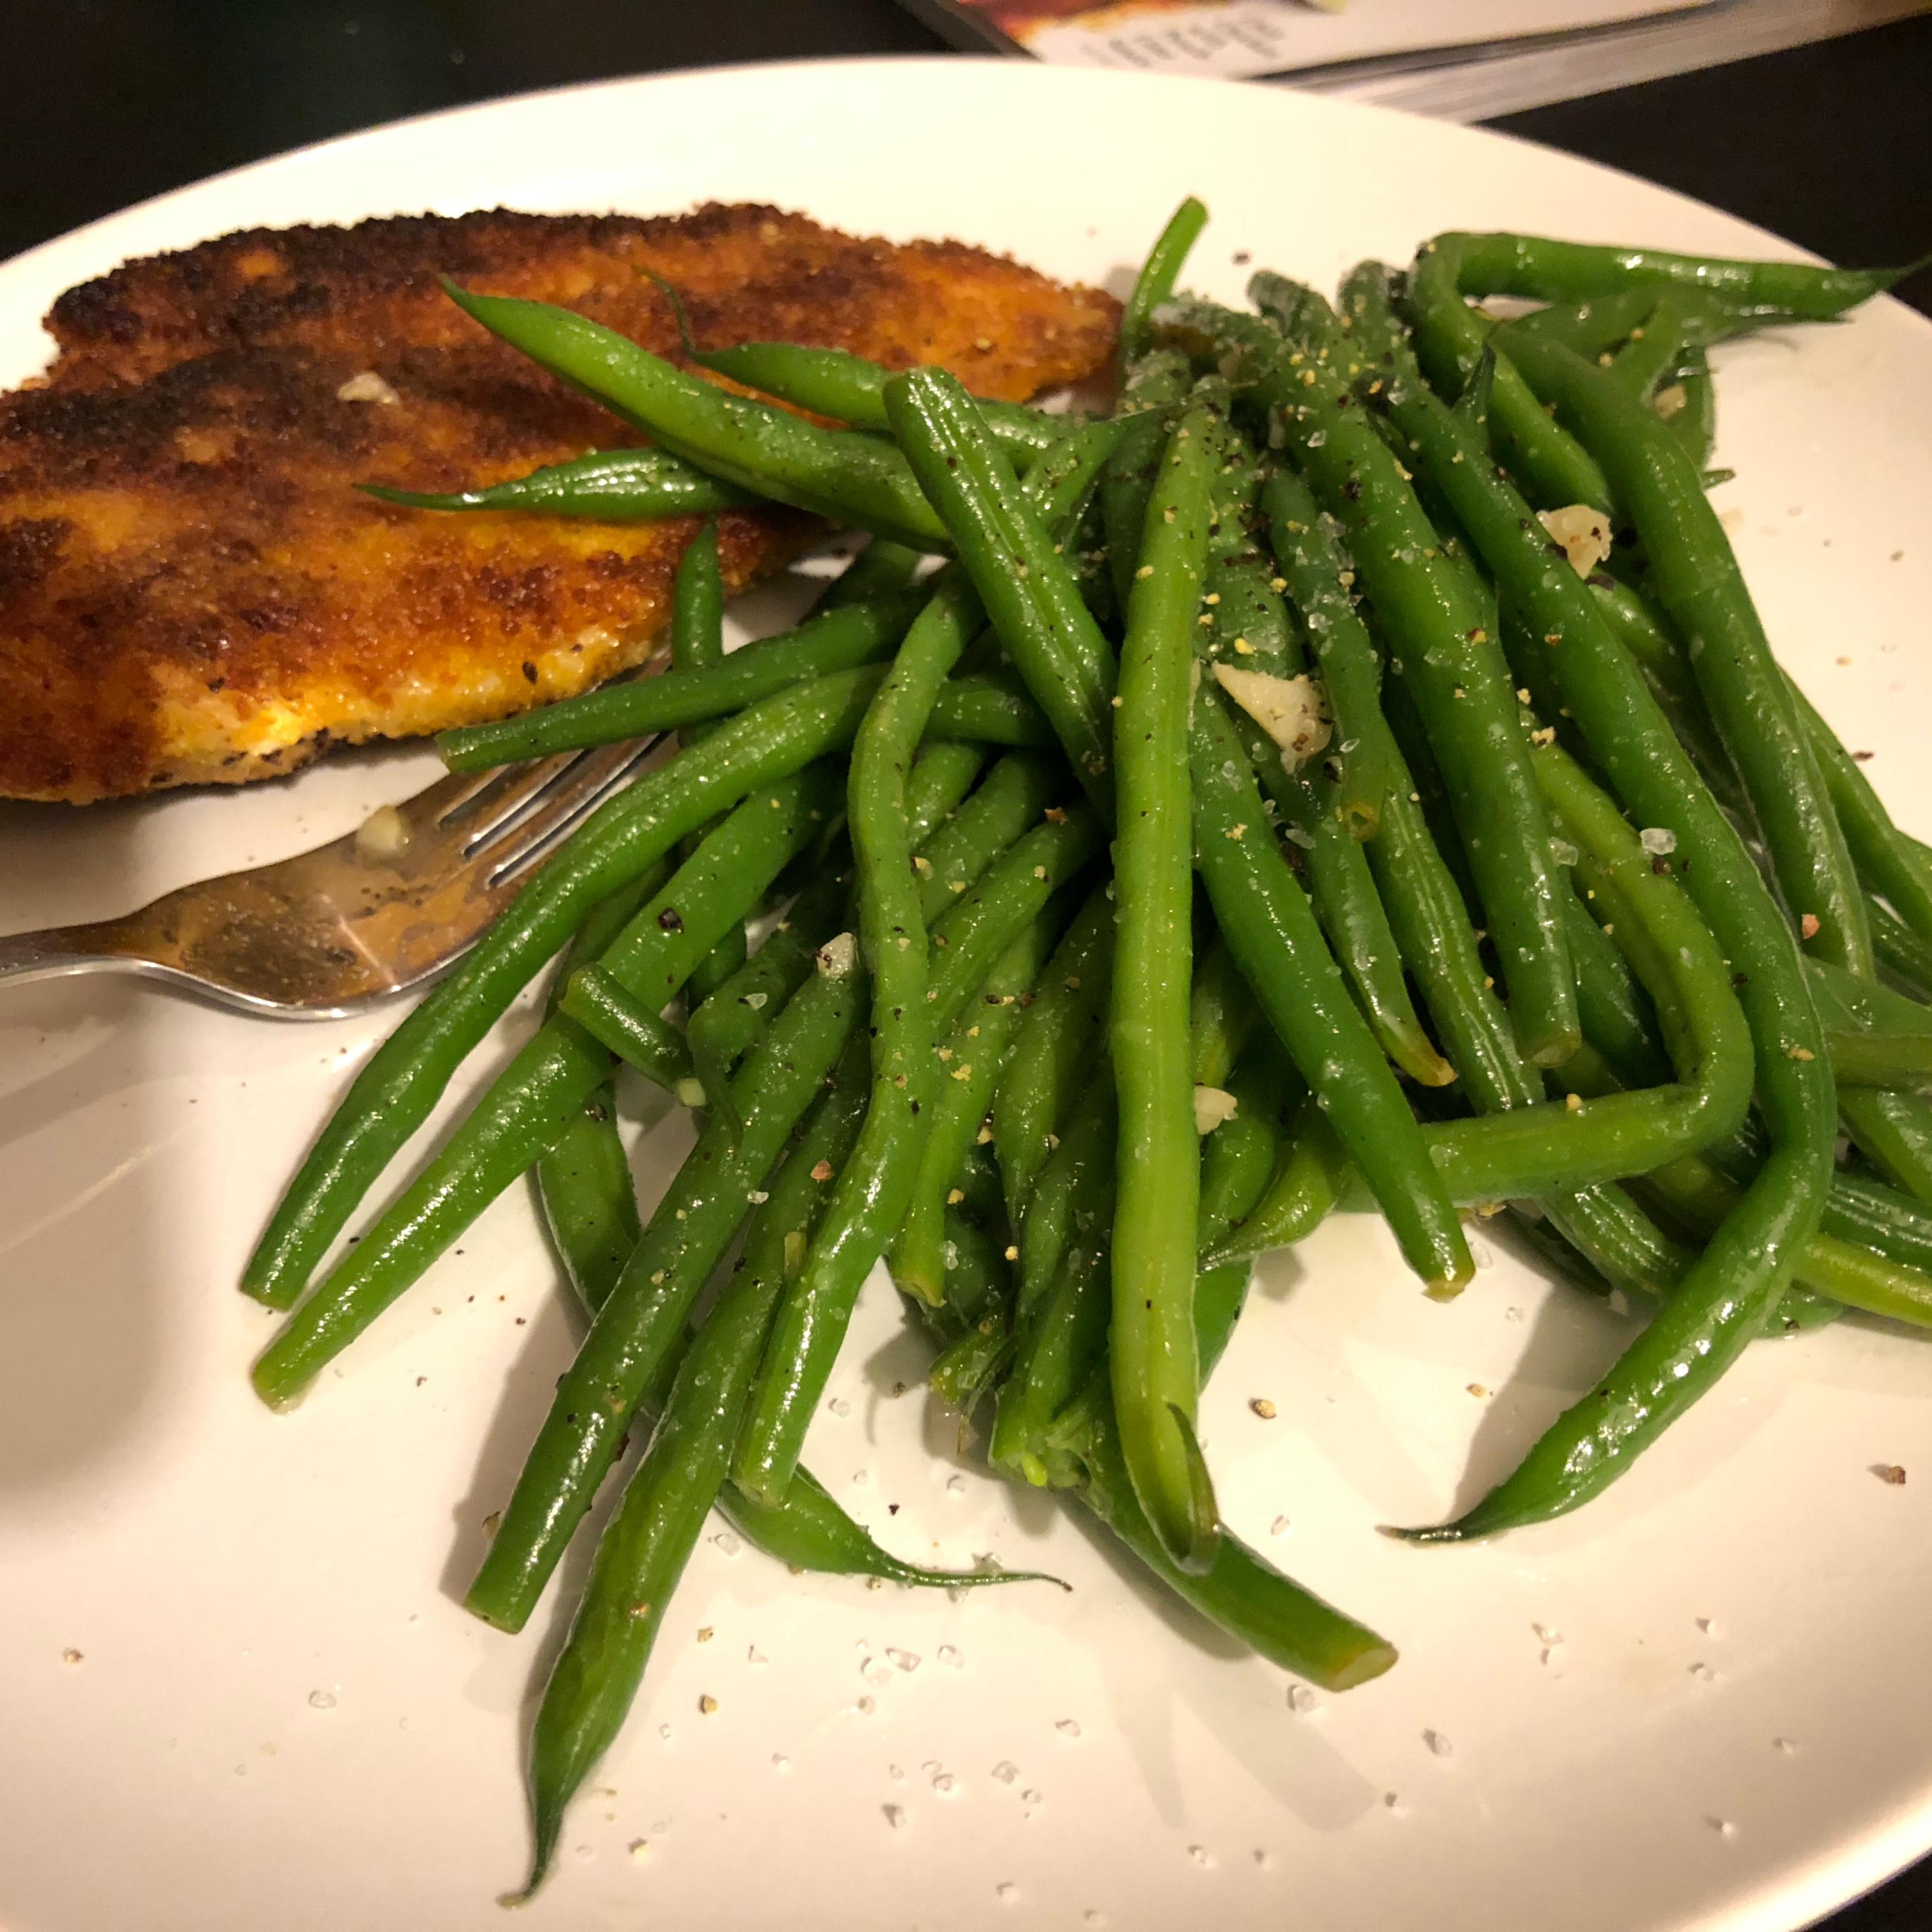 Buttery Garlic Green Beans image